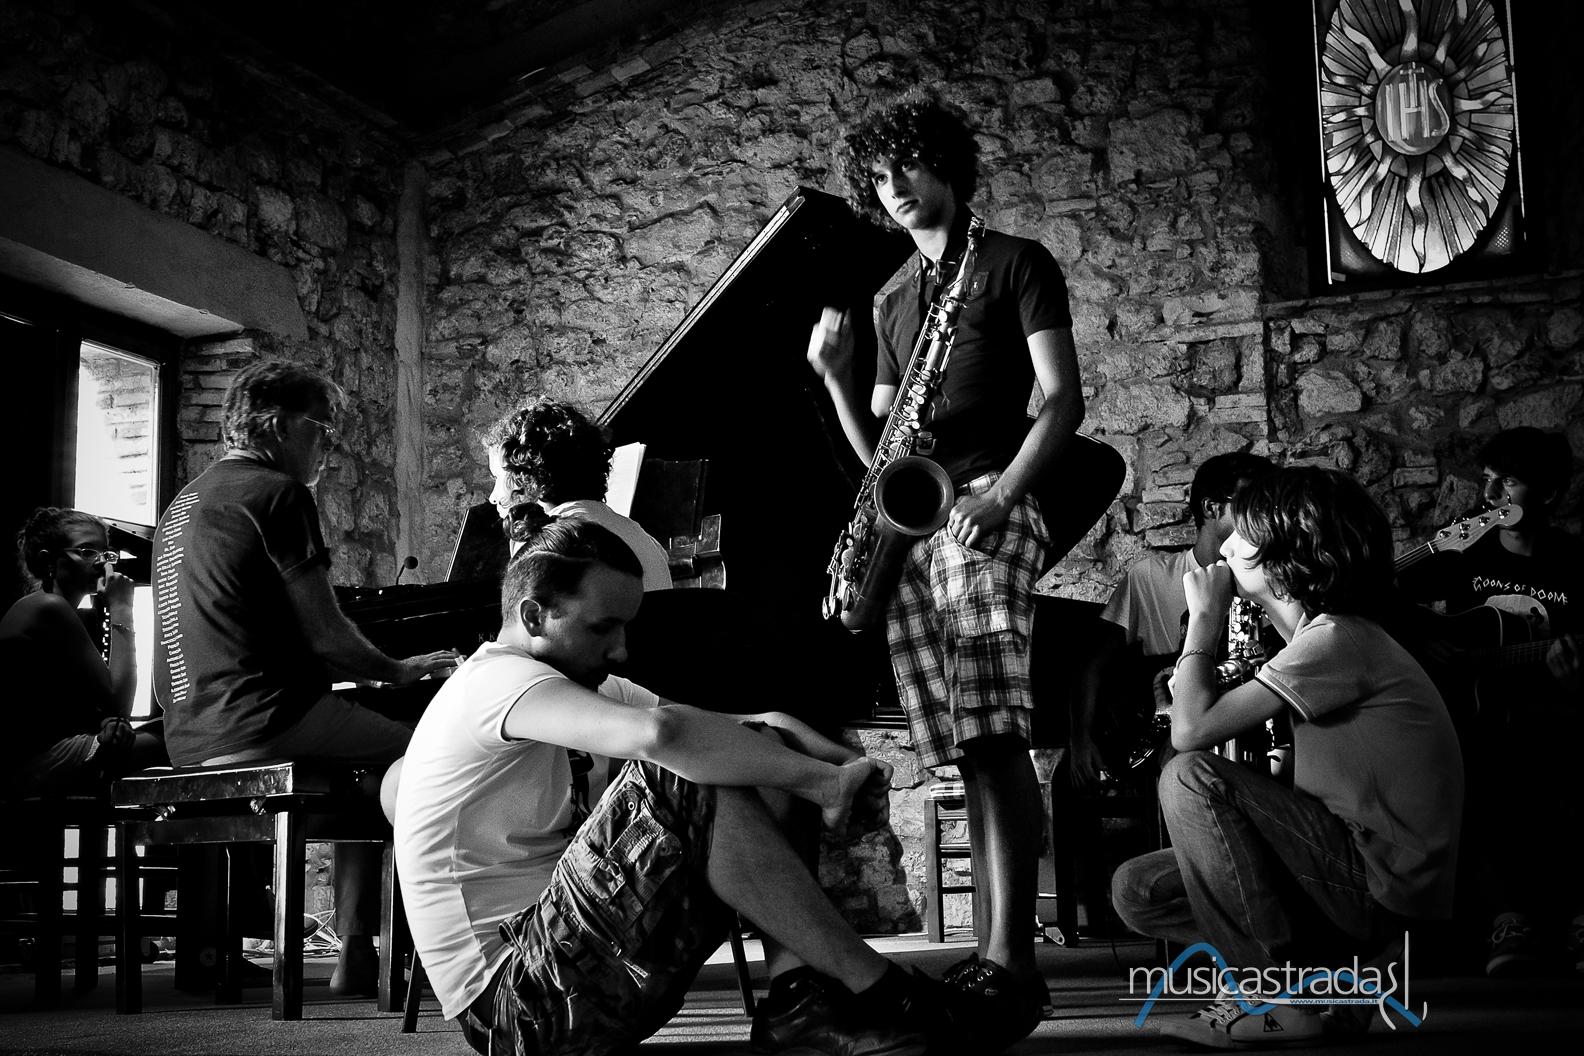 massimo_daddi_lezionidimusica_musicastrada_fotografando_la_musica_2012_4